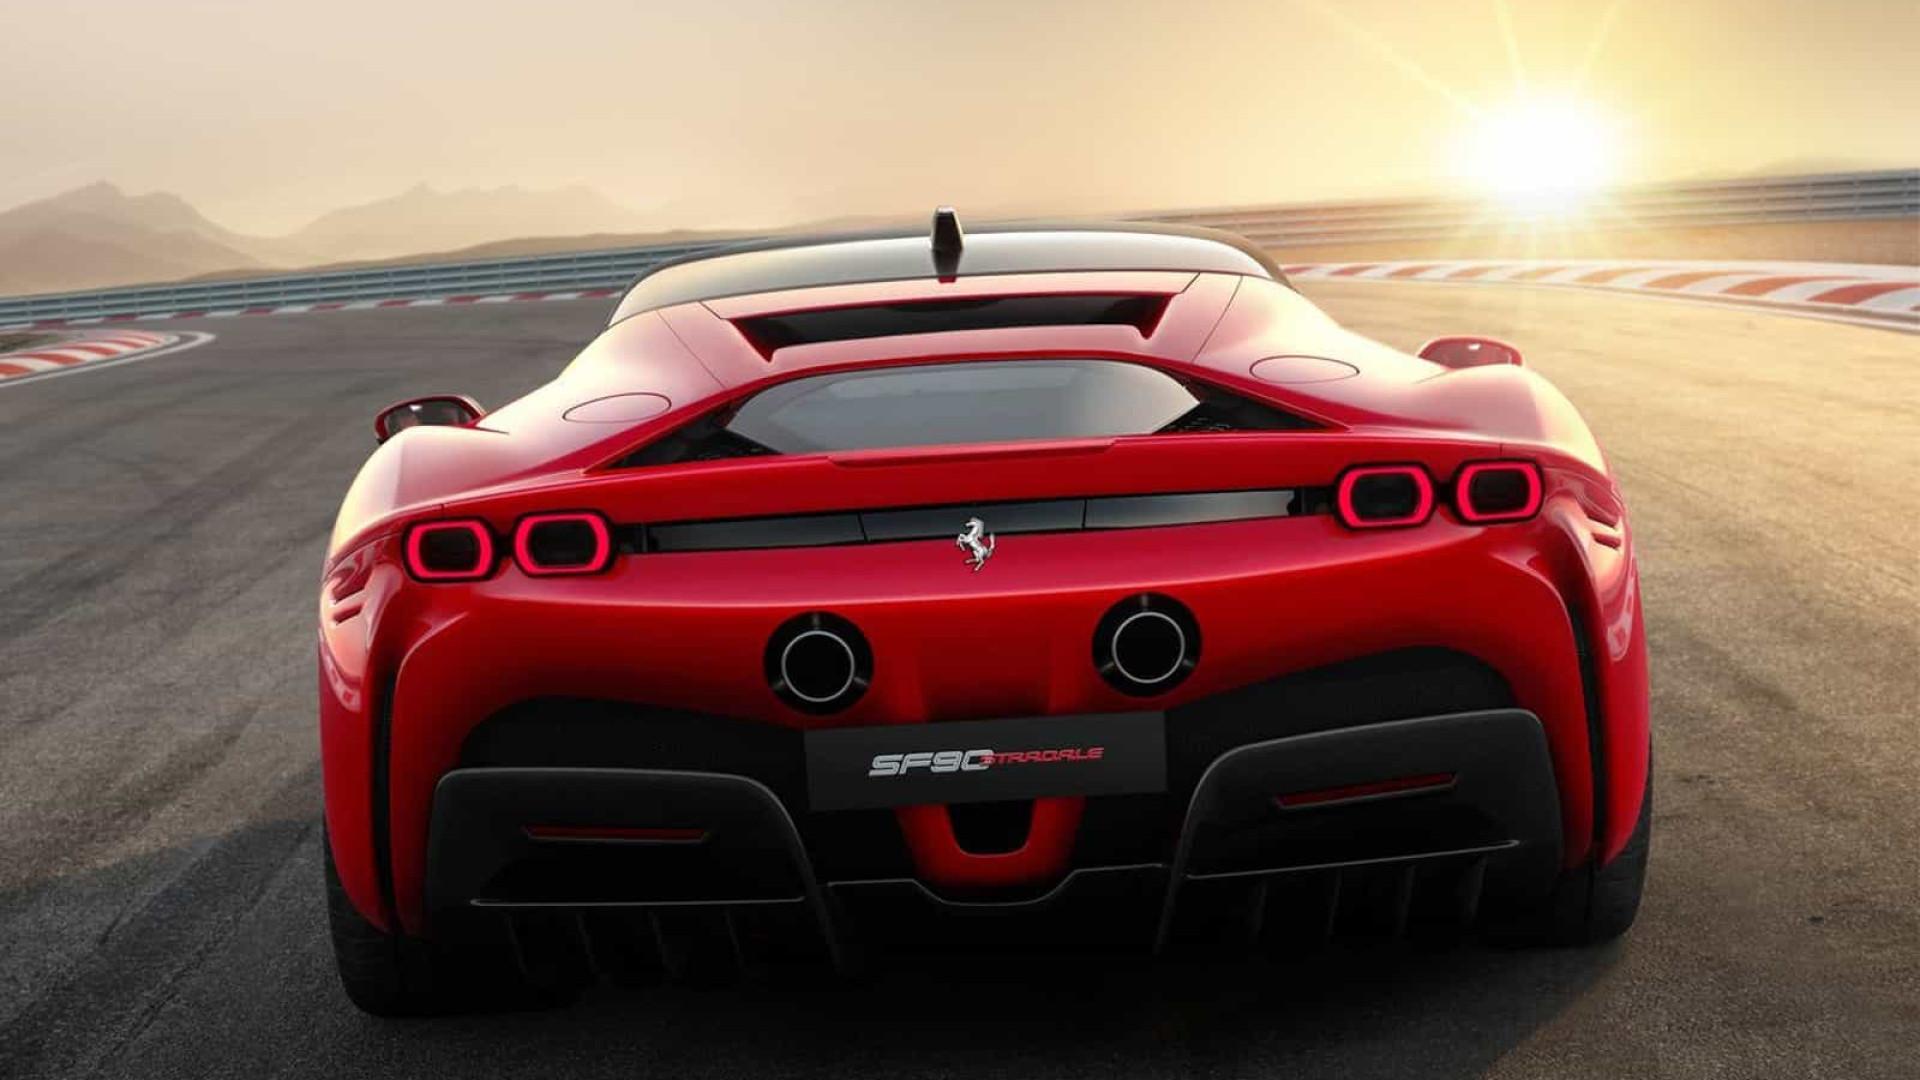 Um Ferrari silencioso? Conheça o novo híbrido da marca italiana